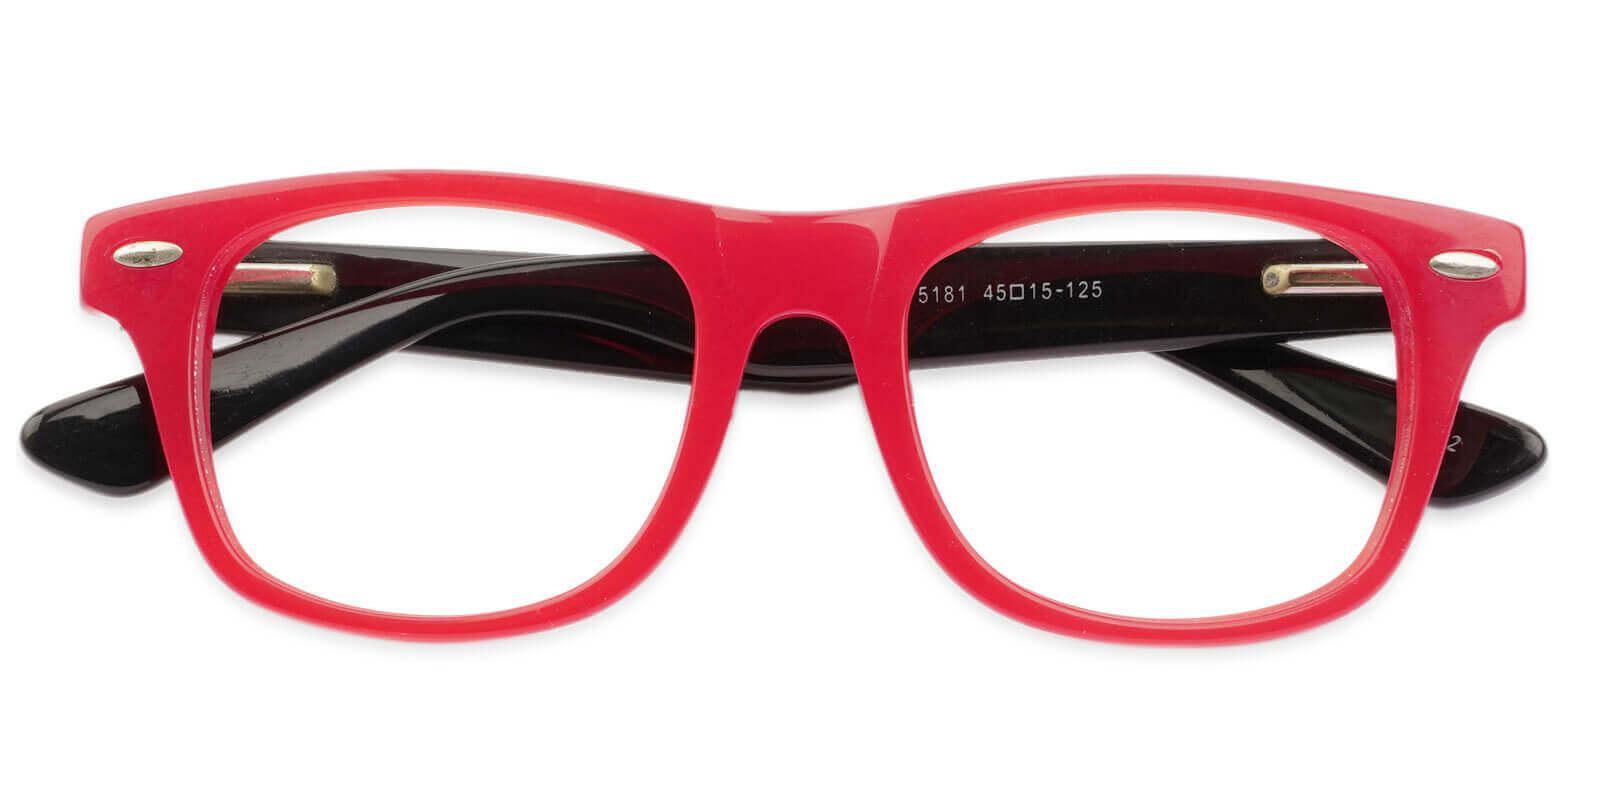 Kids-Pomona Red Acetate Eyeglasses , UniversalBridgeFit Frames from ABBE Glasses